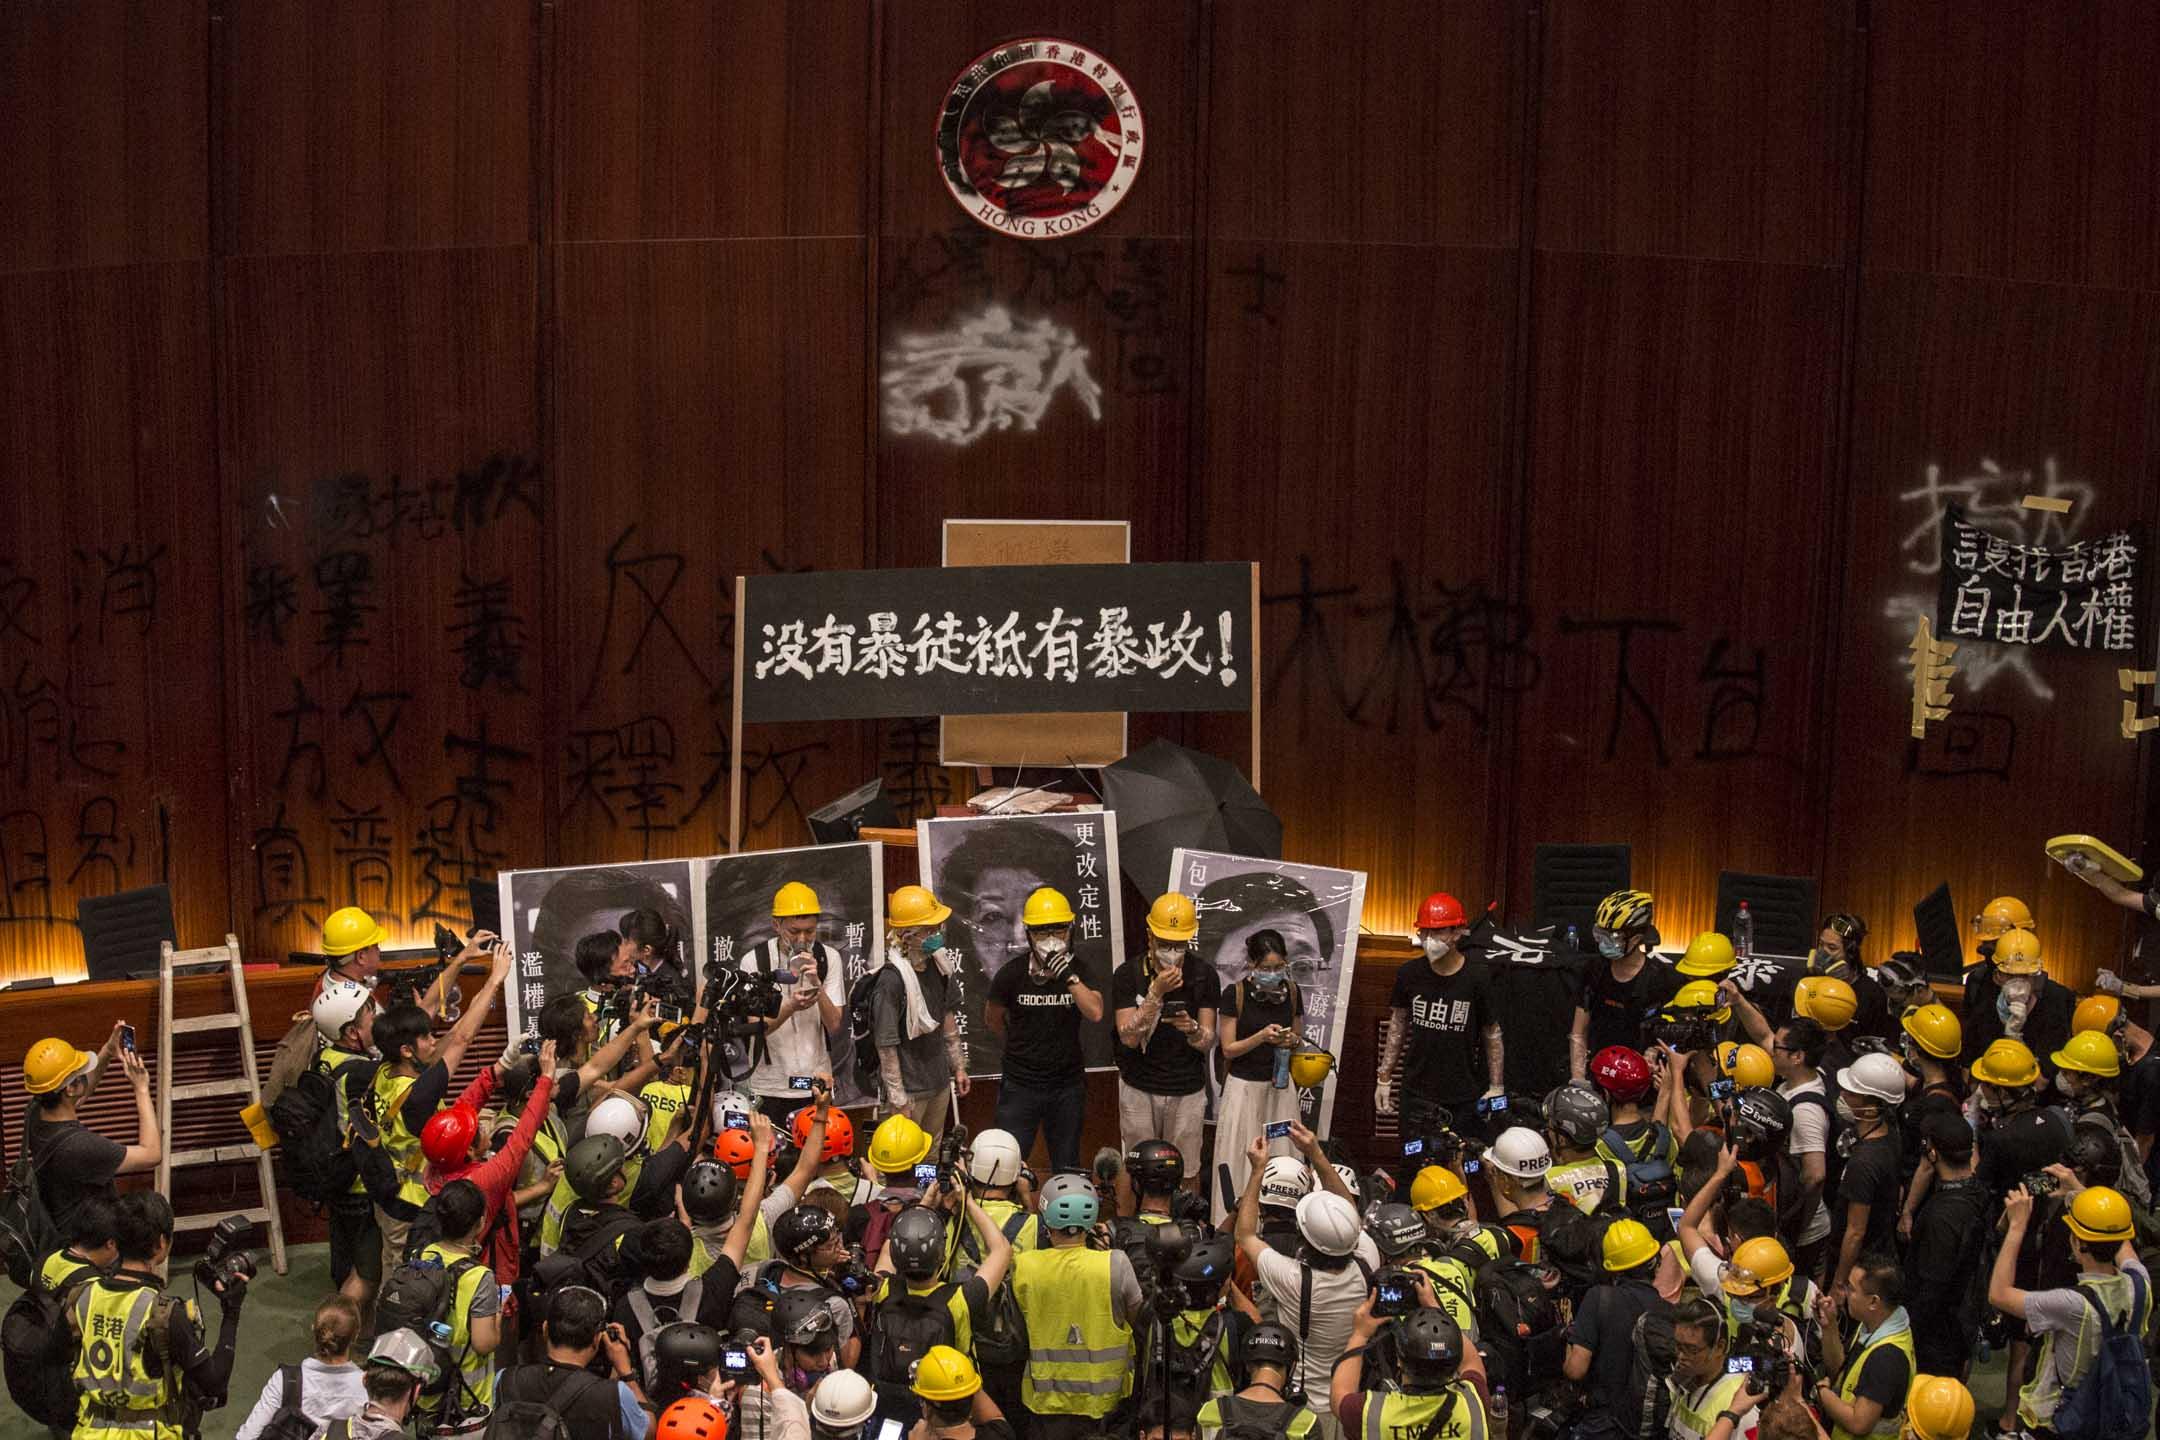 2019年7月1日,反修例運動至今持續將近一個月,示威者清晨5時開始佔領龍和道一帶,試圖阻止七一升旗儀式進行,失敗告終。其後示威者到立法會外聚首。下午,部分示威者試圖衝擊立法會,直至晚上約九時,示威者成功闖進立法會大樓,佔領立法會會議廳三小時。有示威者塗黑區徽,另外有示威者宣讀抗爭宣言。